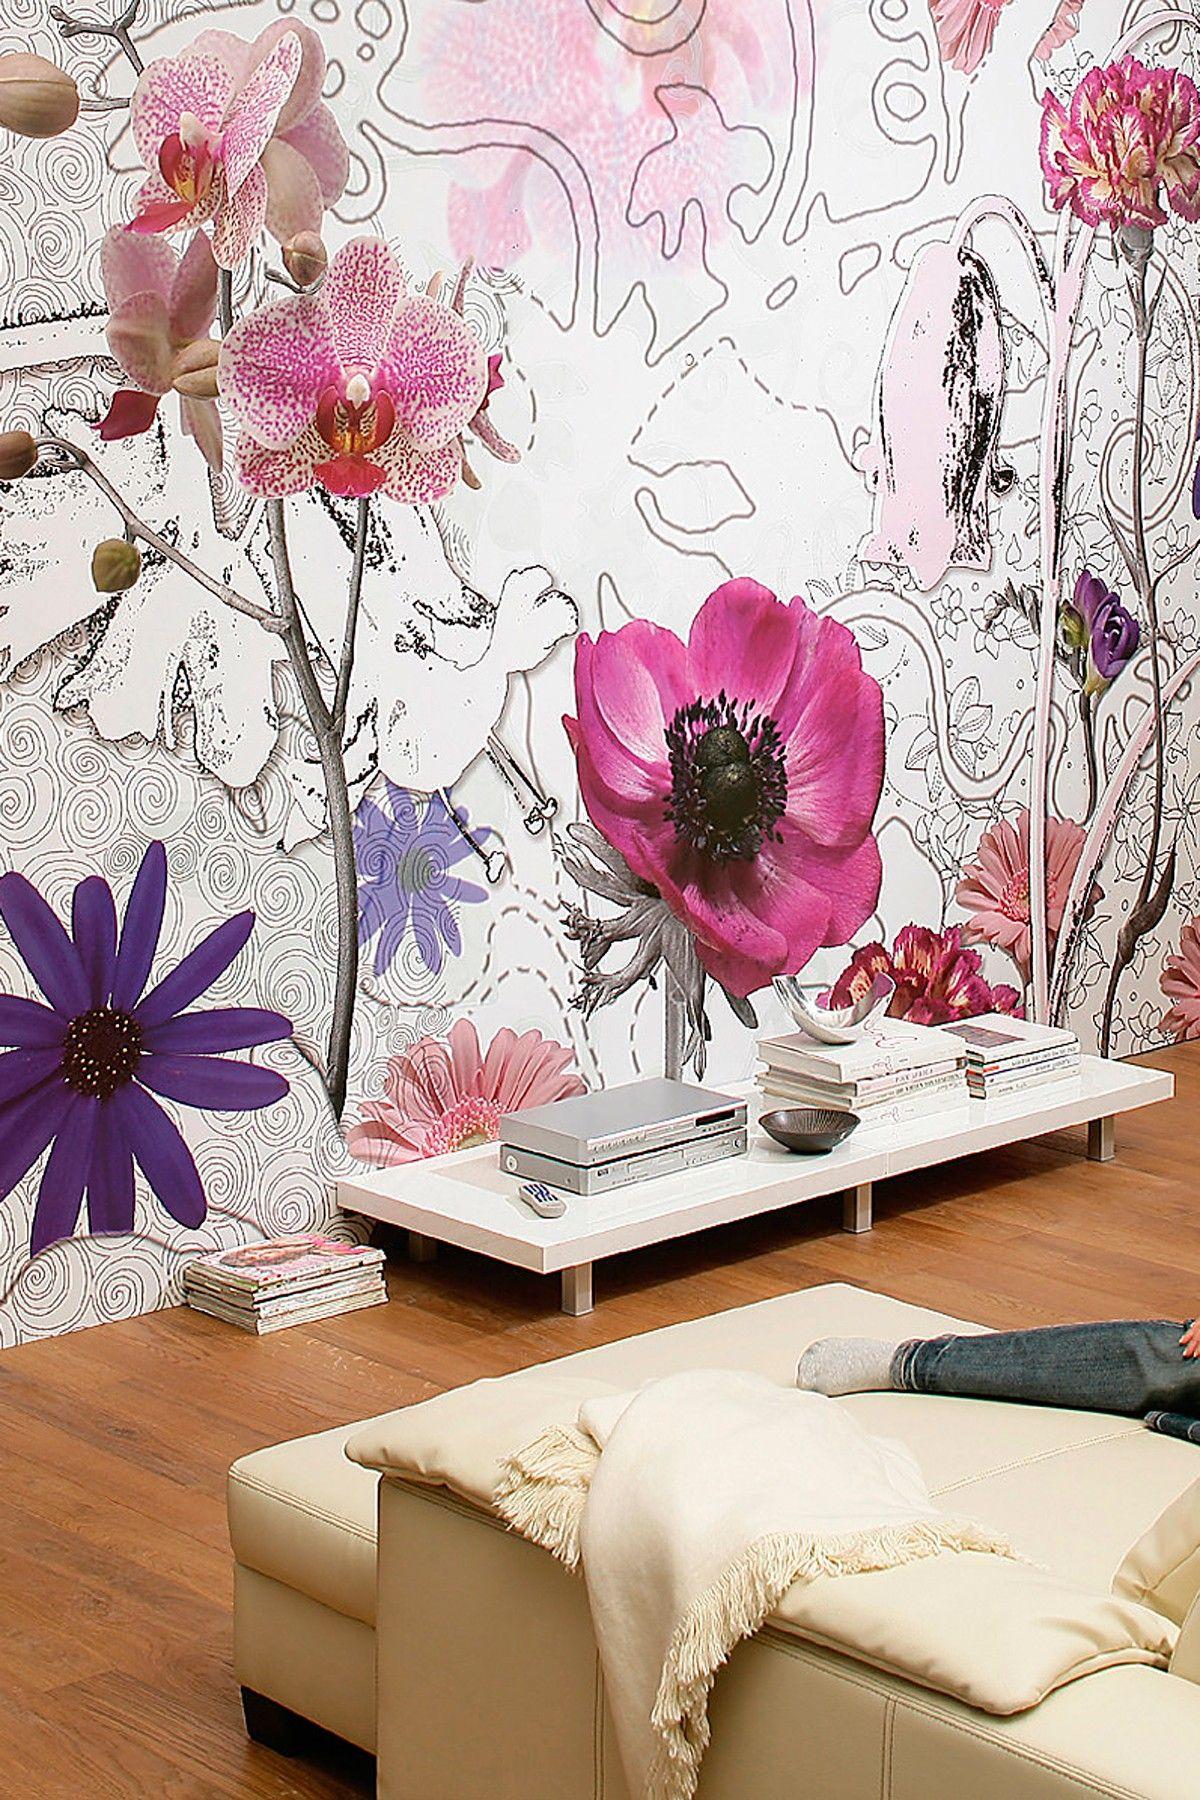 Hautelook Mid Century Update Your Walls Purple Wall Mural Wall Murals Mural Mural Wallpaper